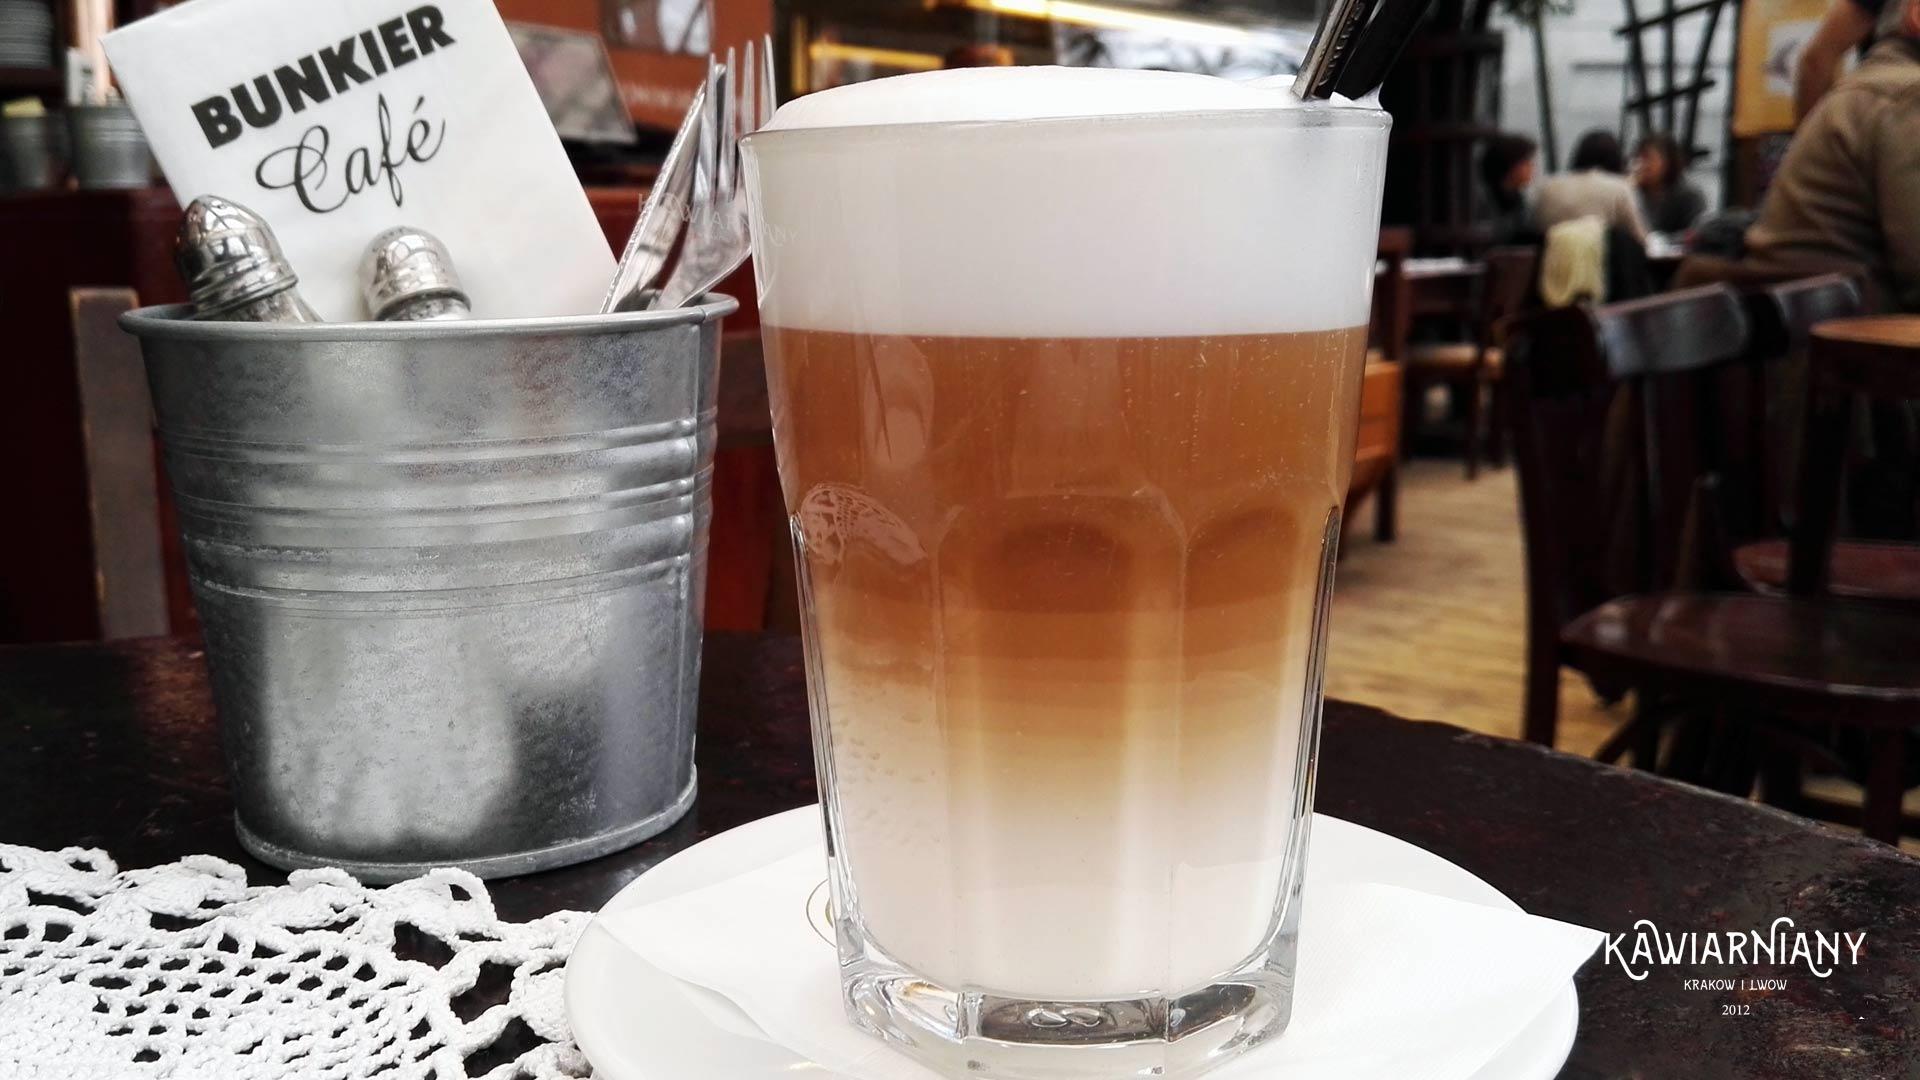 Kawiarnia Bunkier Cafe przy Plantach. Warto przyjść póki czas…